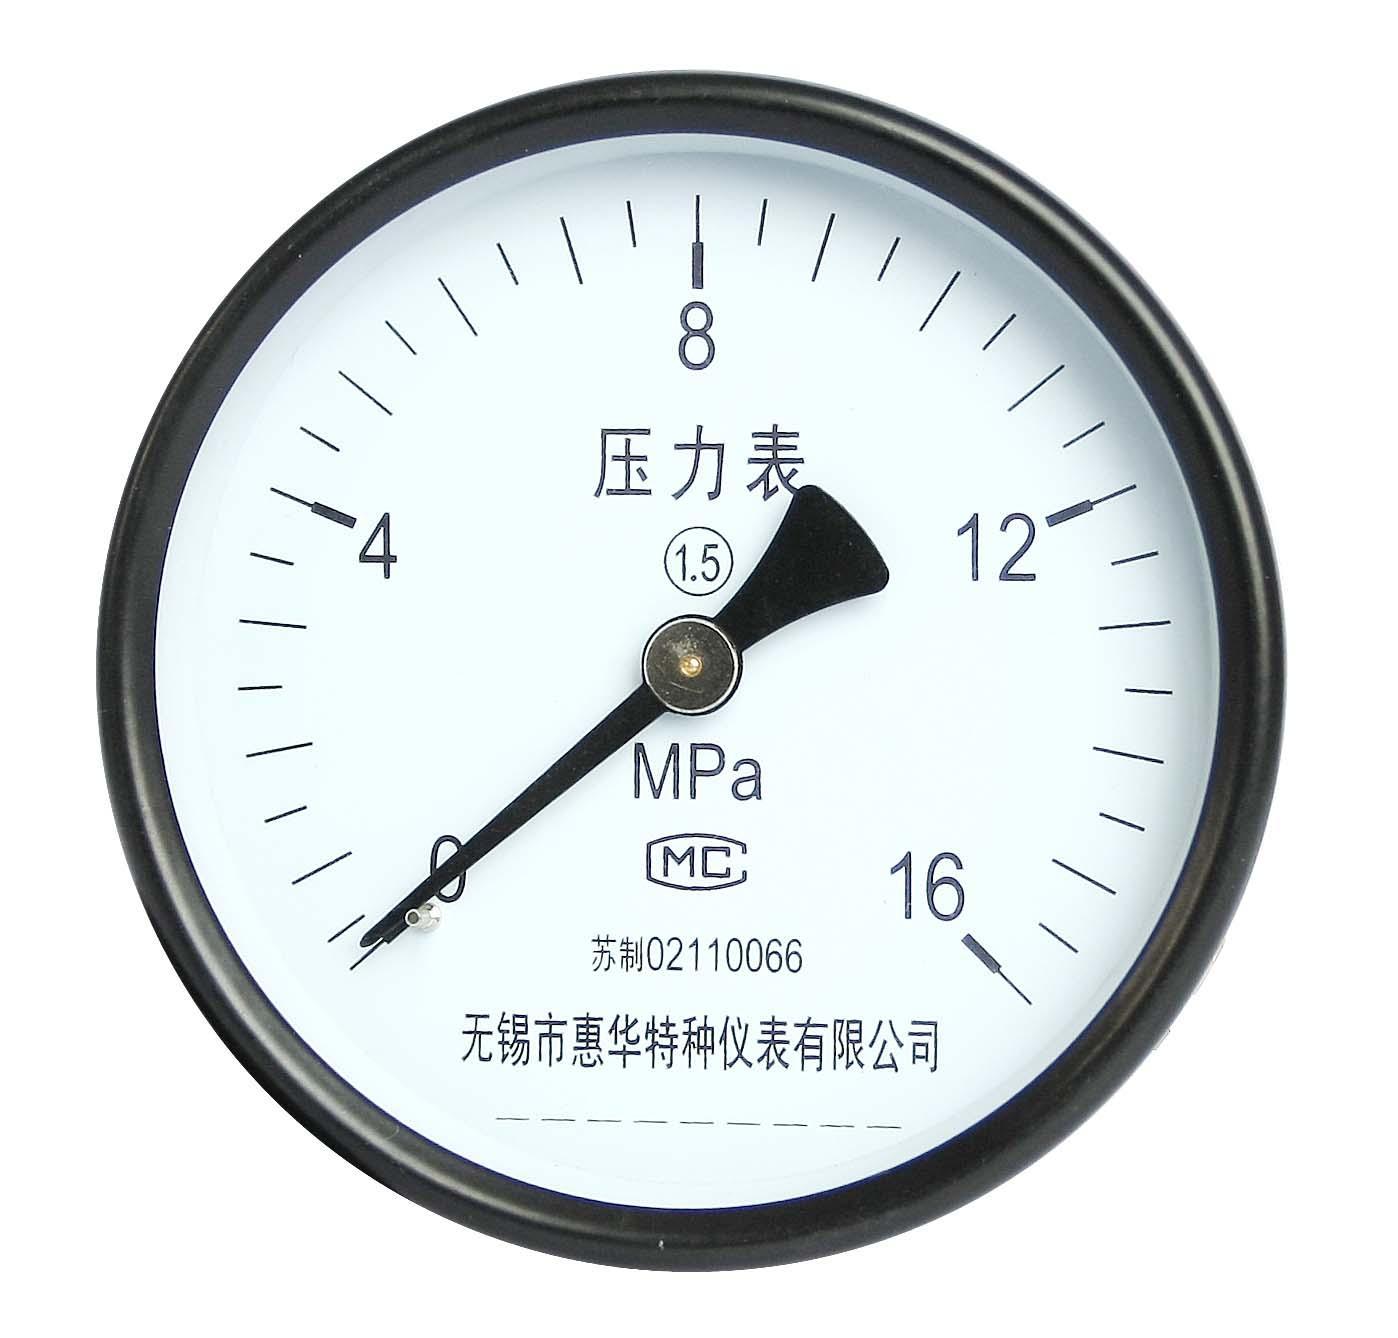 壓力表 一般壓力表 真空壓力表 彈簧管壓力表 4